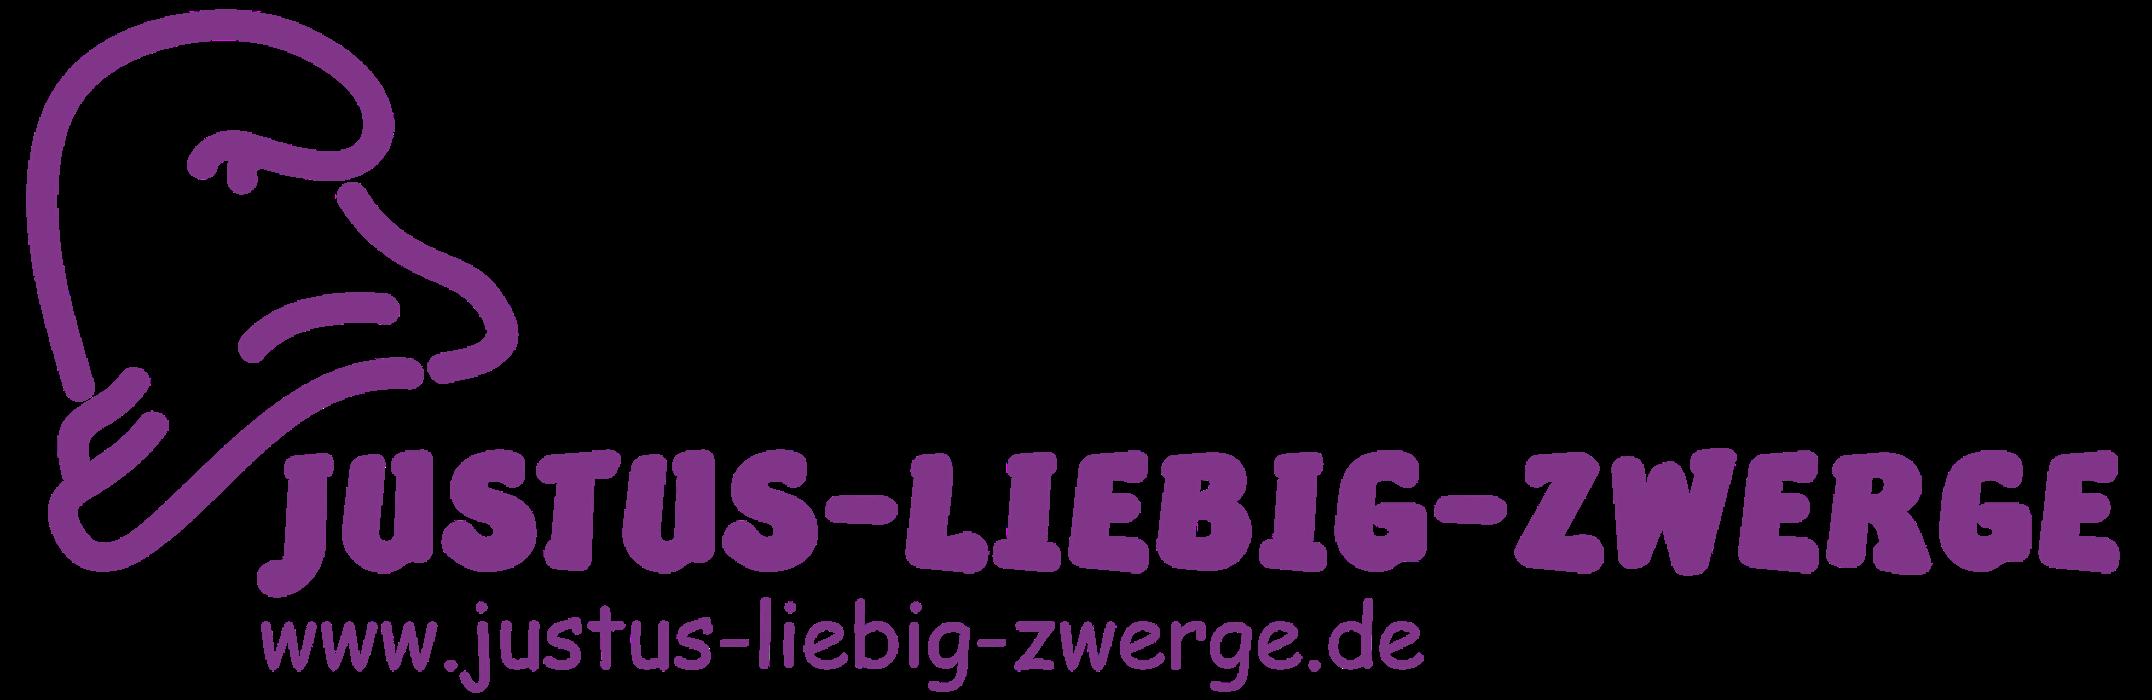 Bild zu Tagesmutter, Justus-Liebig-Zwerge in Lorsch in Hessen